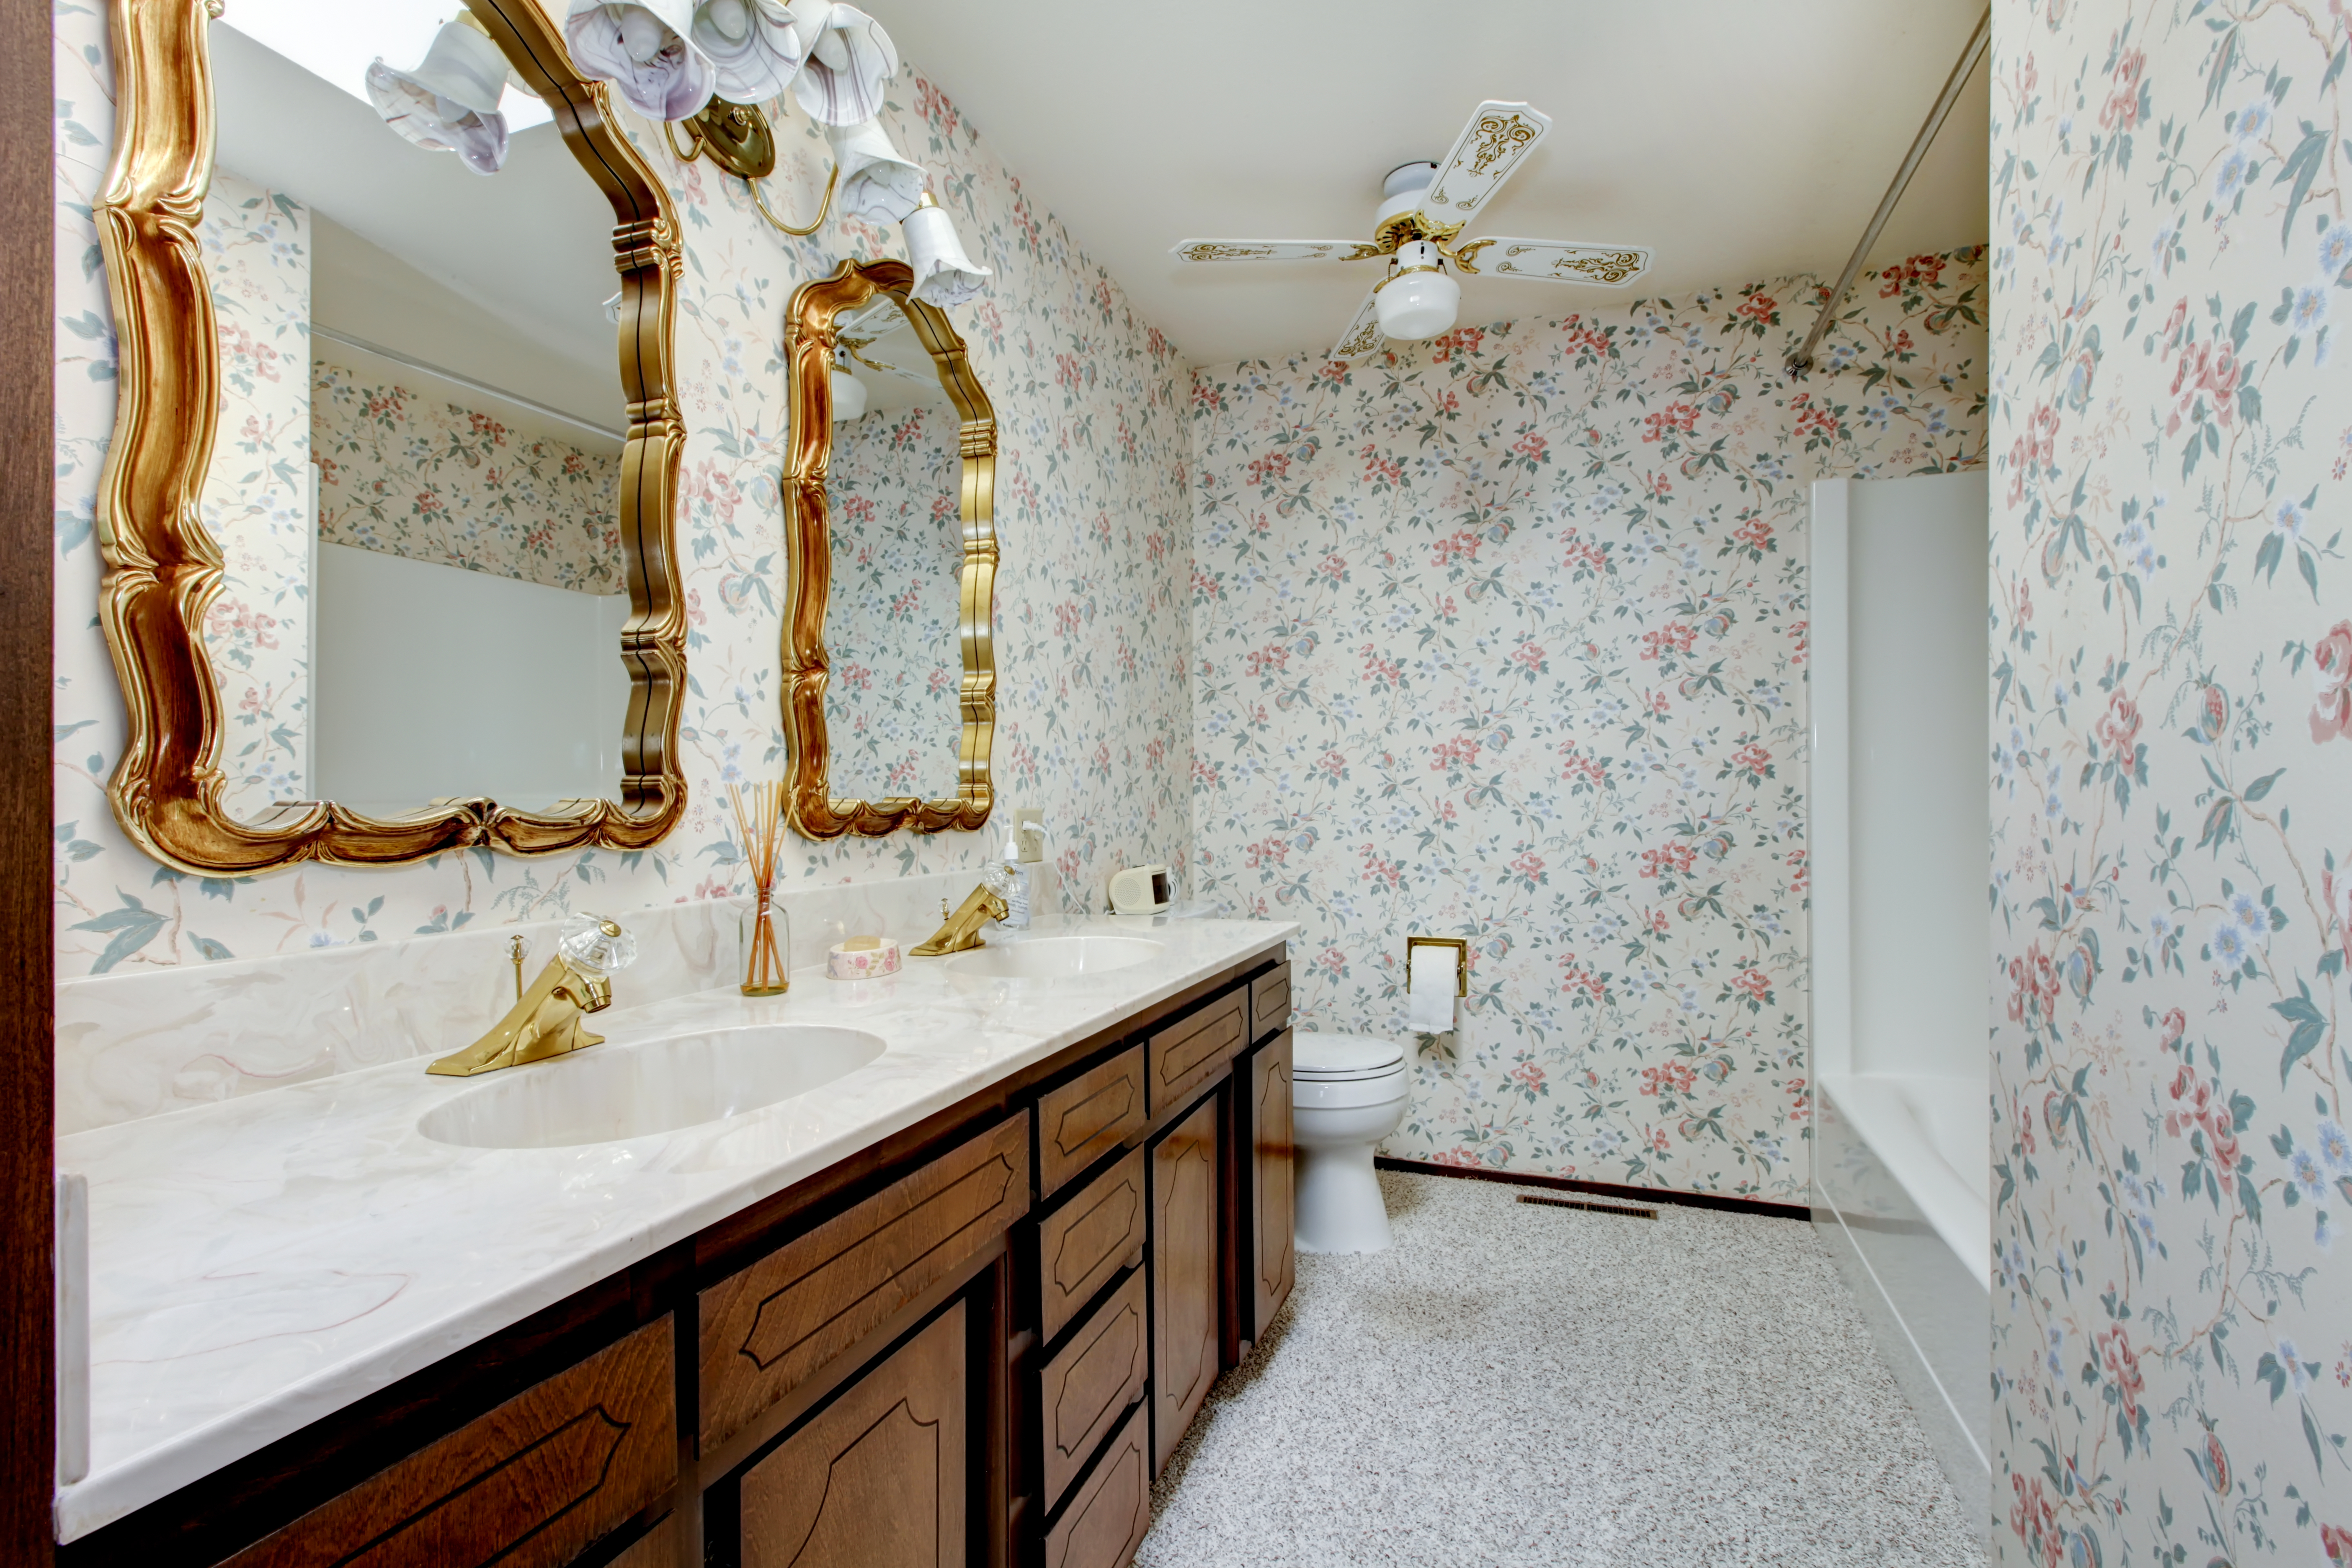 Detalhes em madeira em casas de banho vintage